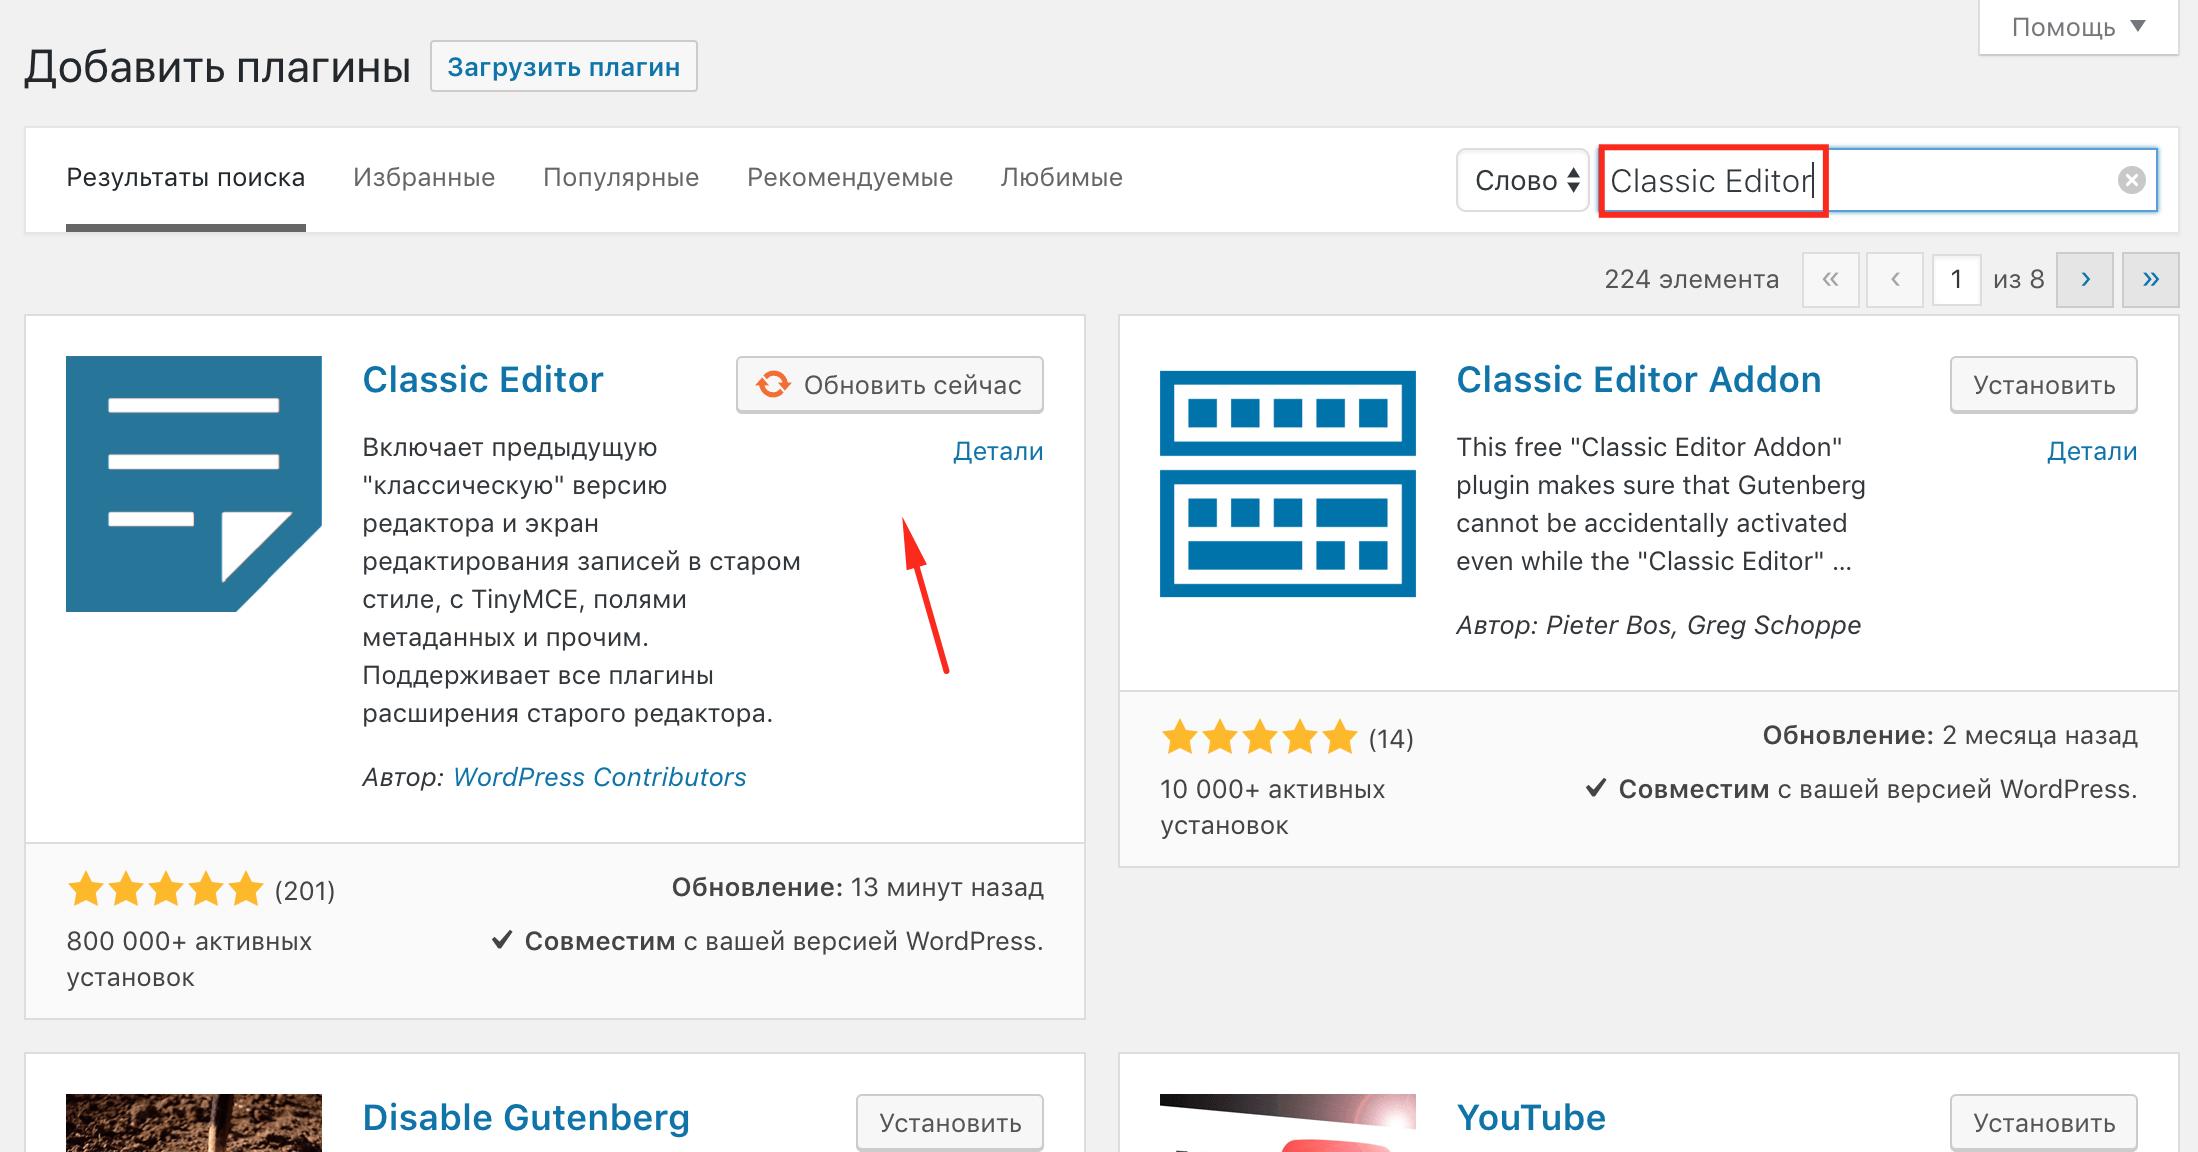 как вернуть классический редактор WordPress